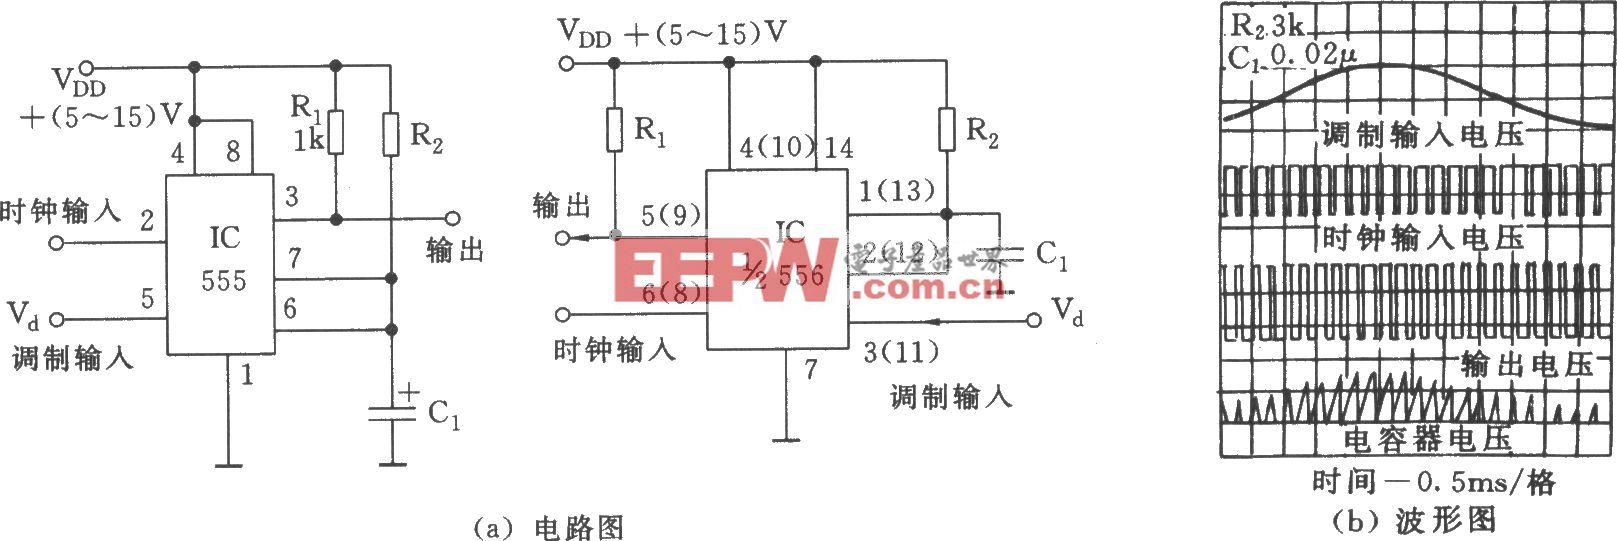 脉冲宽度调制电路(555)